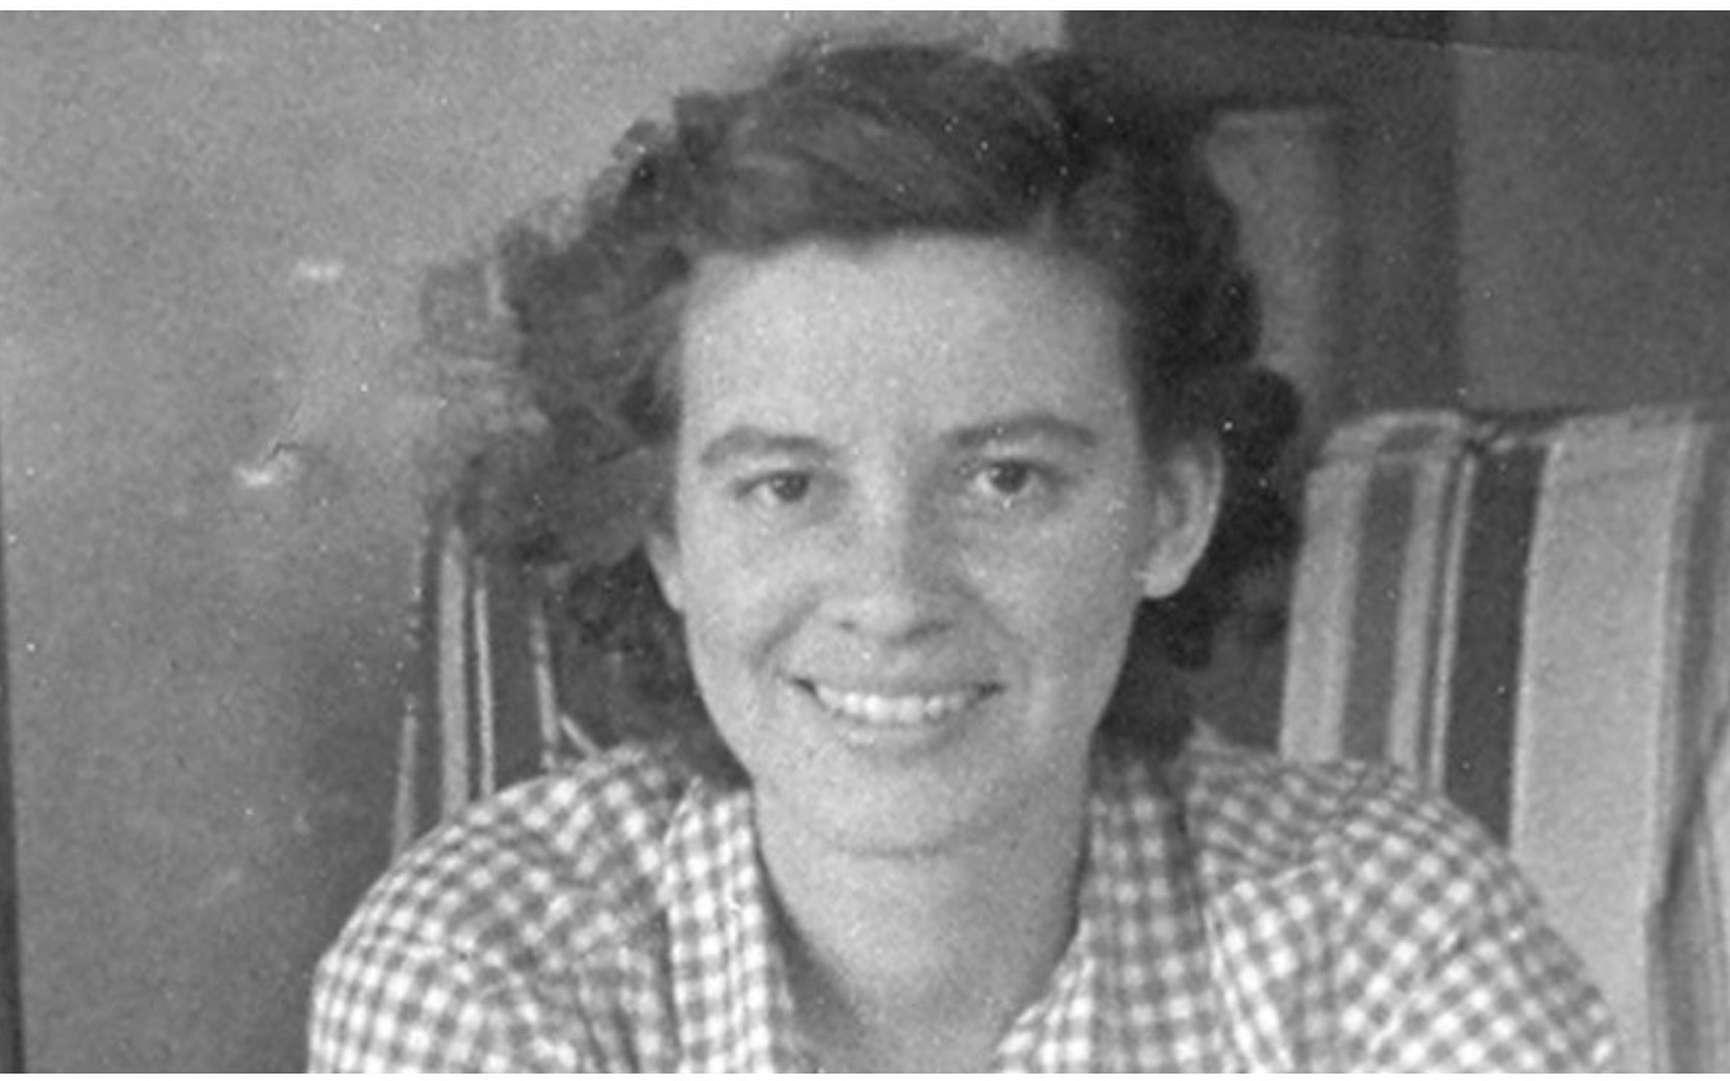 Grande dame de la génétique des bactéries, Esther M. Zimmer Lederberg (18 décembre 1922 - 11 novembre 2006) a plusieurs découvertes à son actif, notamment la transduction, cette transmission de gènes entre bactéries par l'intermédiaire d'un virus. © DR